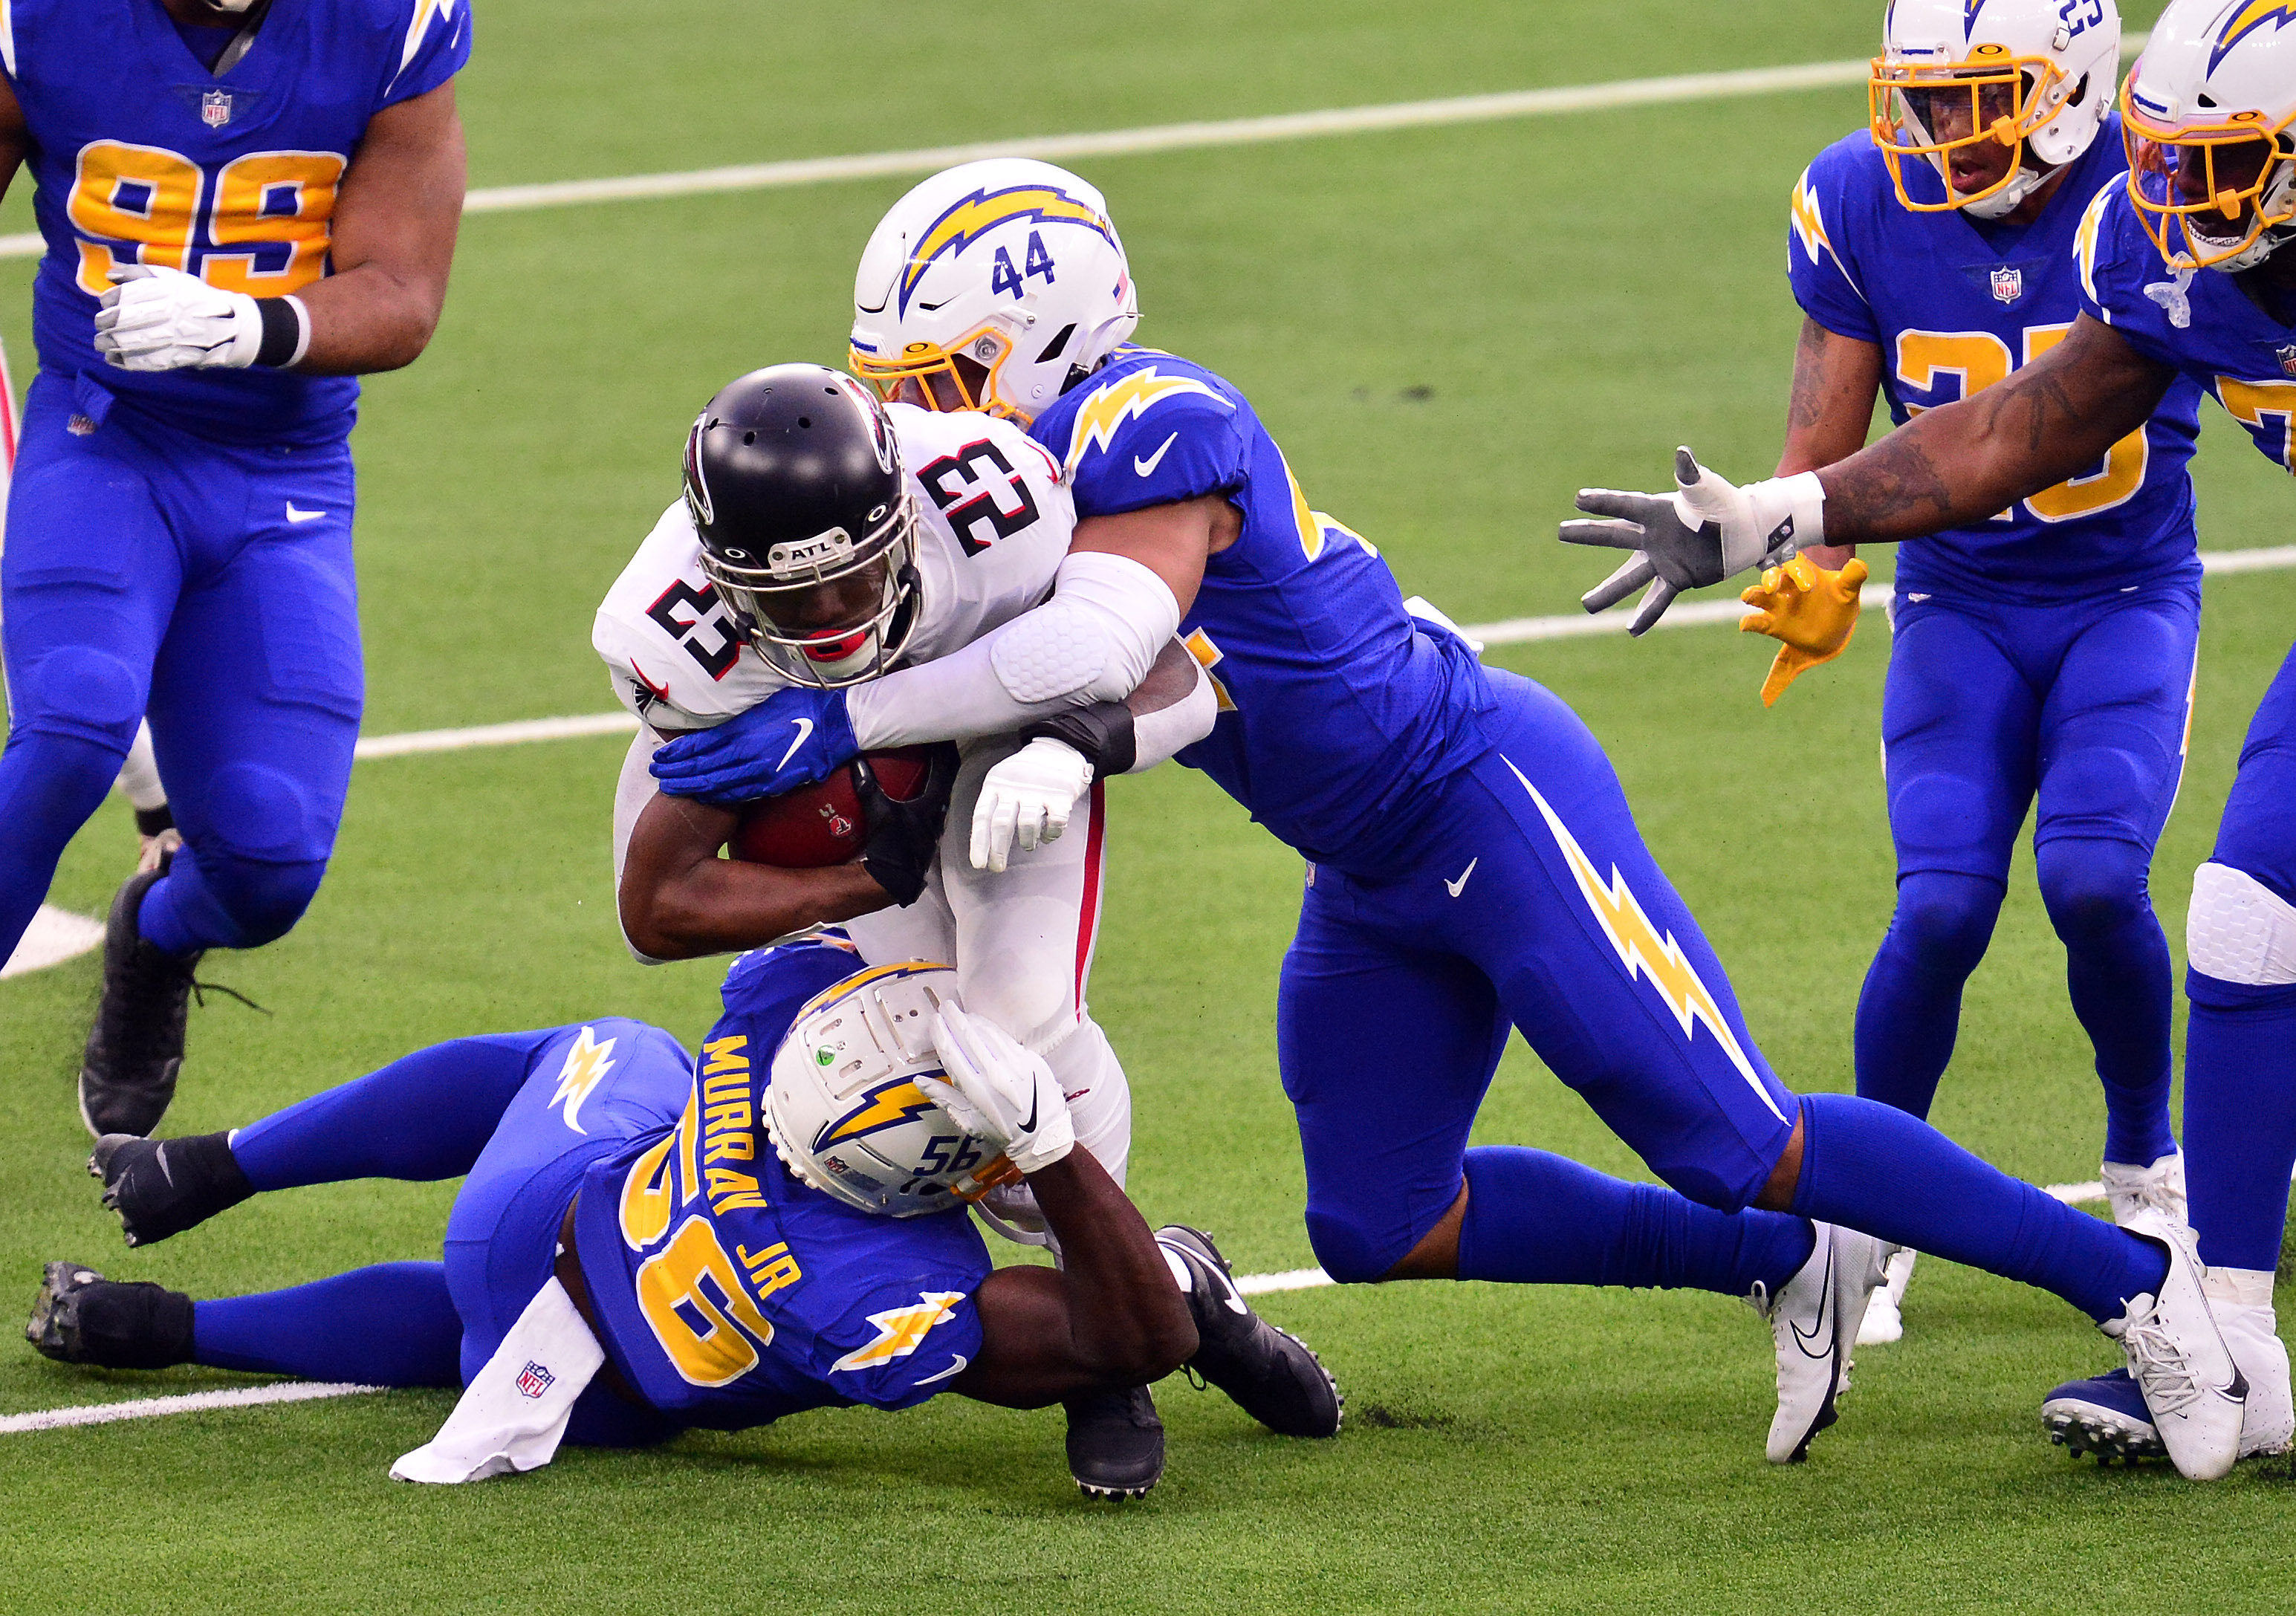 NFL: Atlanta Falcons at Los Angeles Chargers